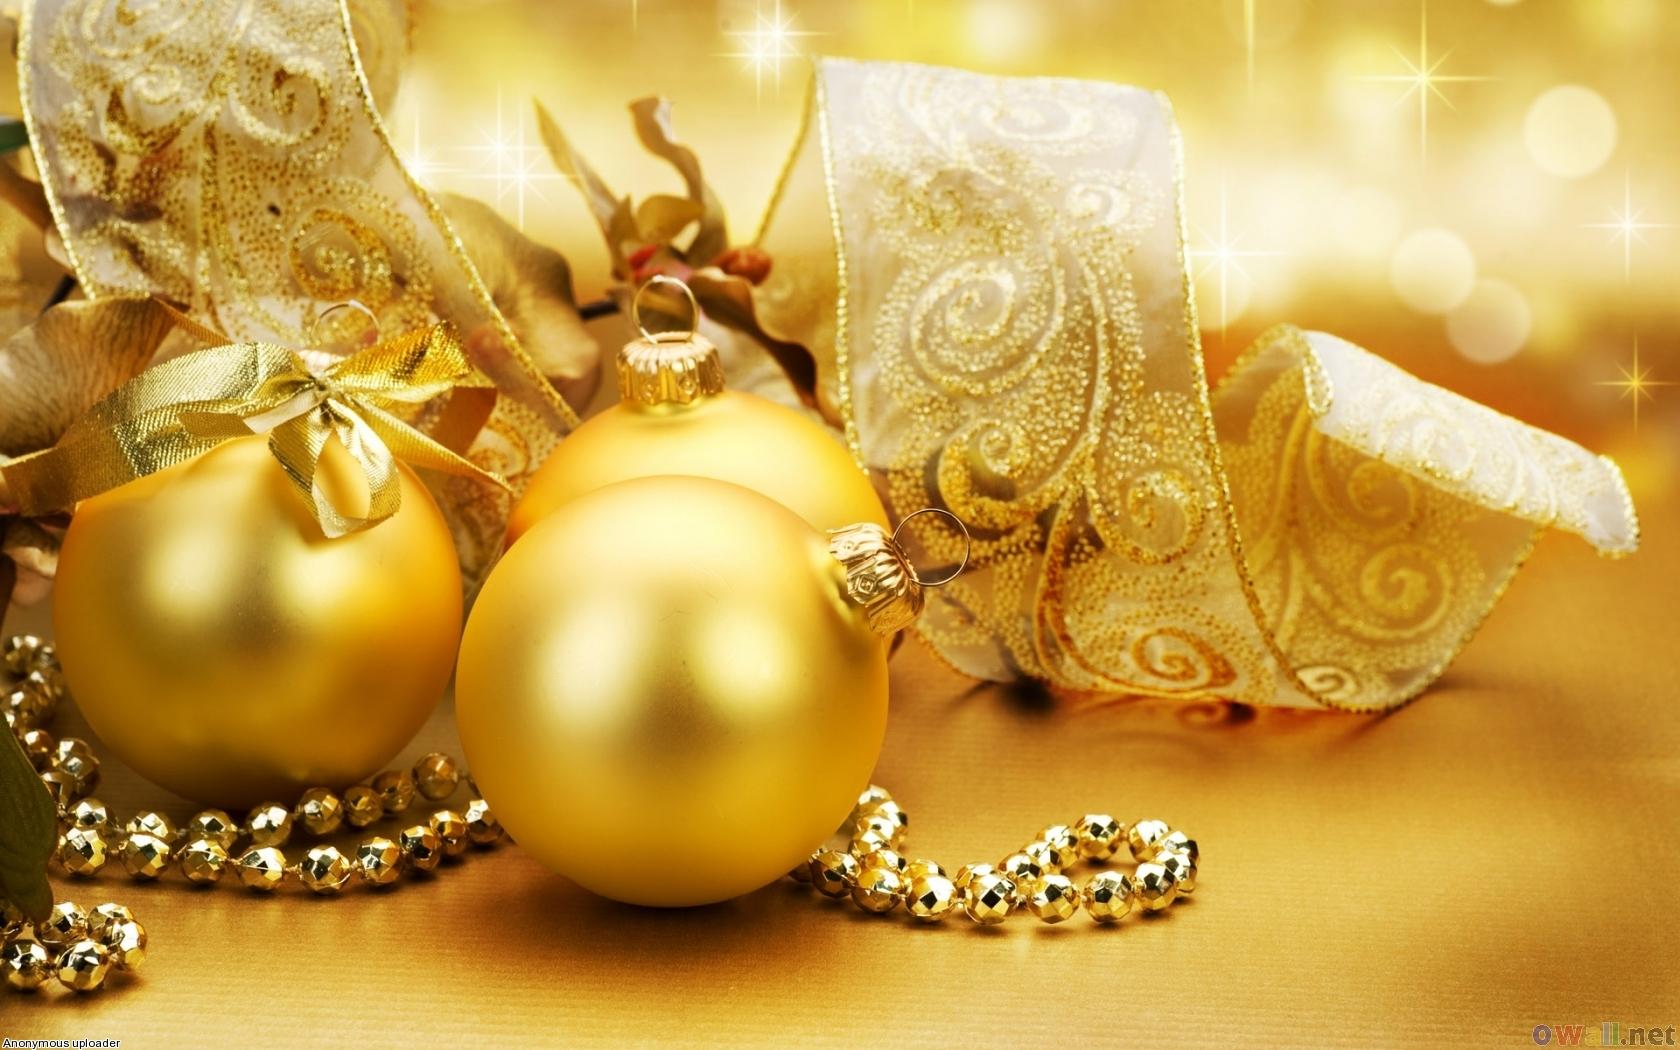 золото, gold, обои для рабочего стола, шары из золота, золотые шары